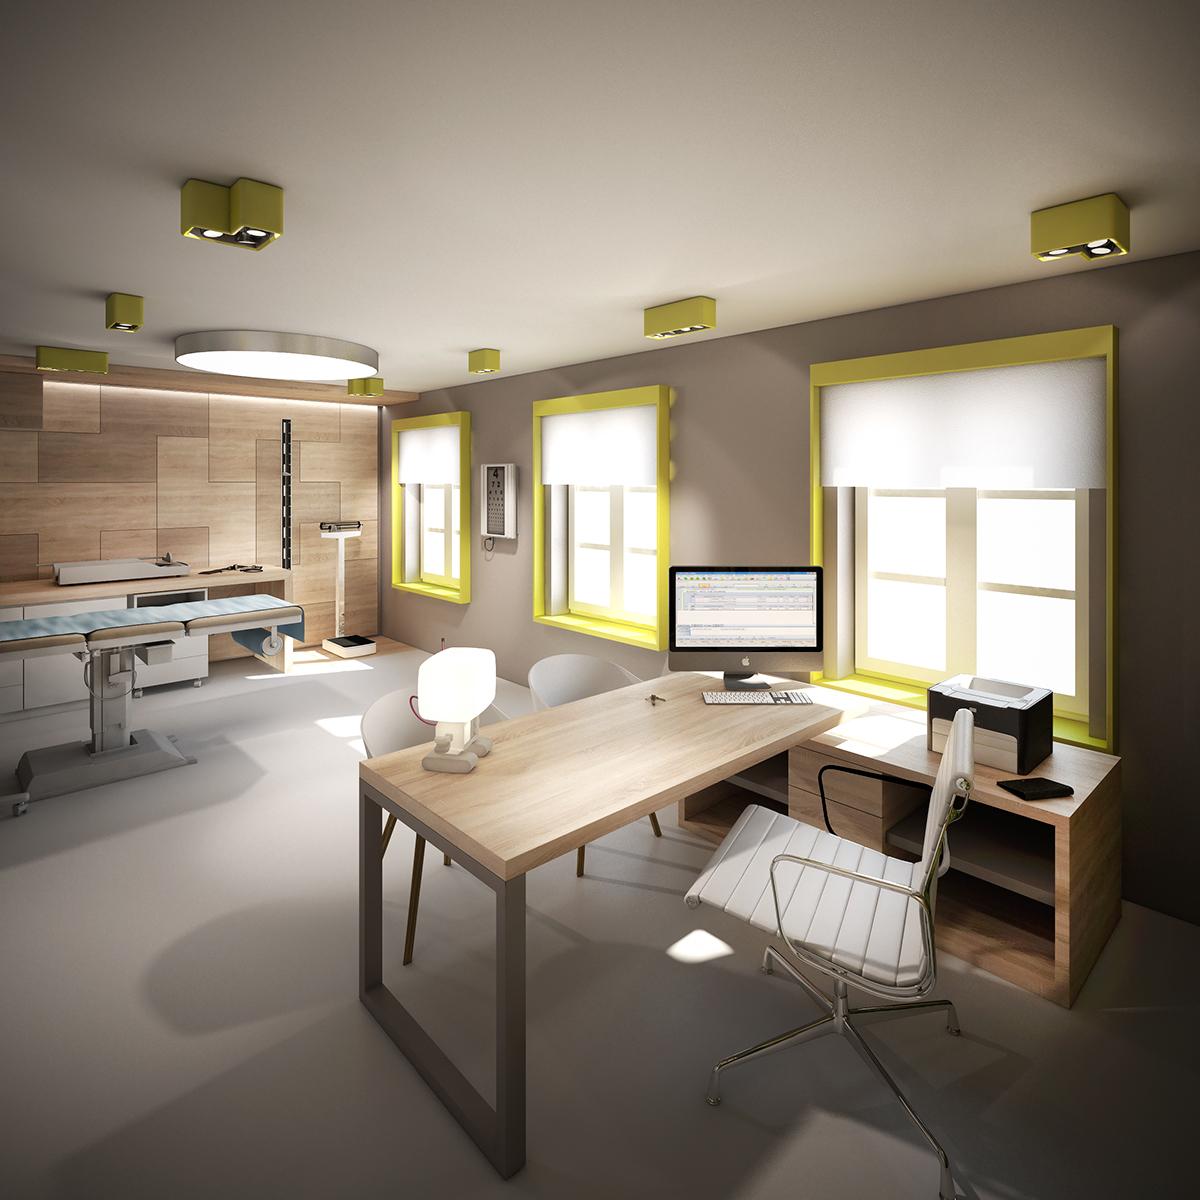 Amazing practice interior design at home images designs dievoon - Practice interior design at home ...